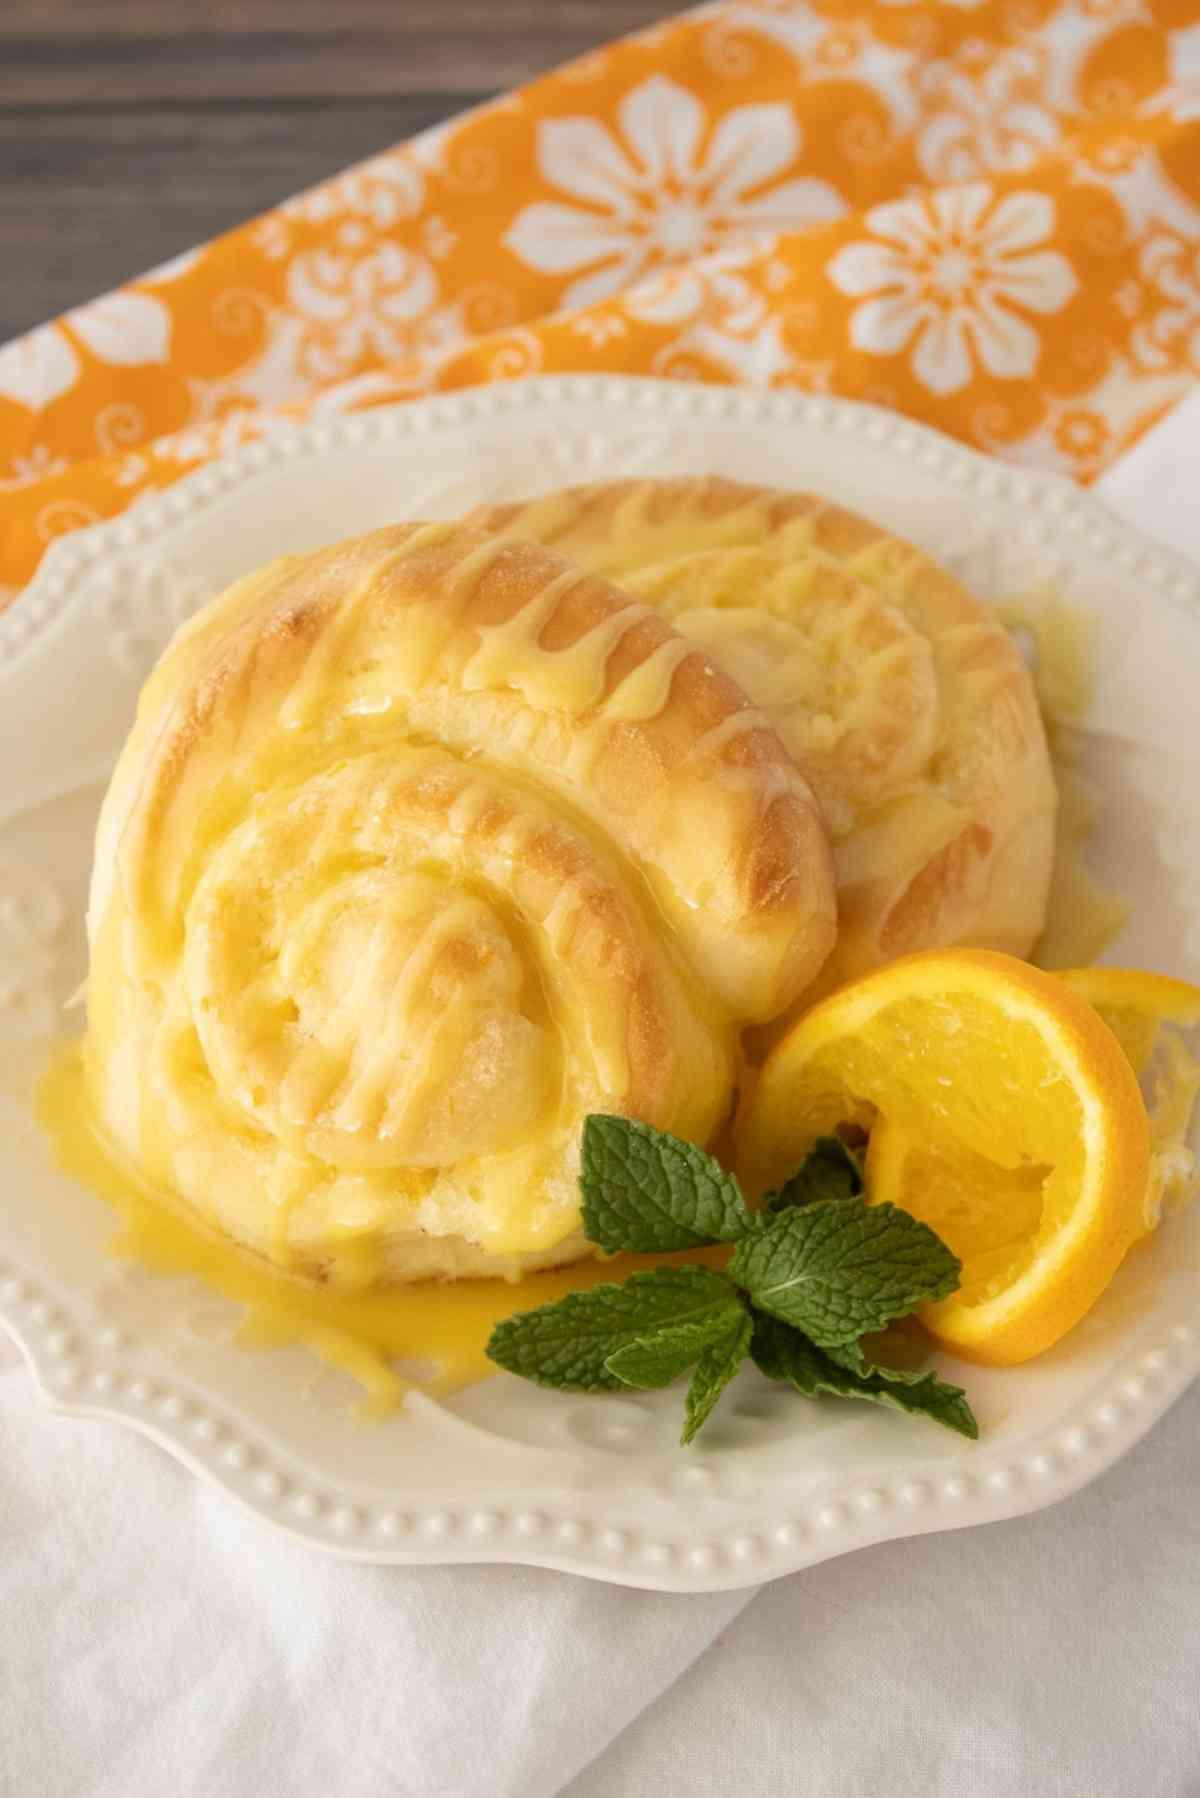 Orange rolls garnished with orange slice and mint leaves.